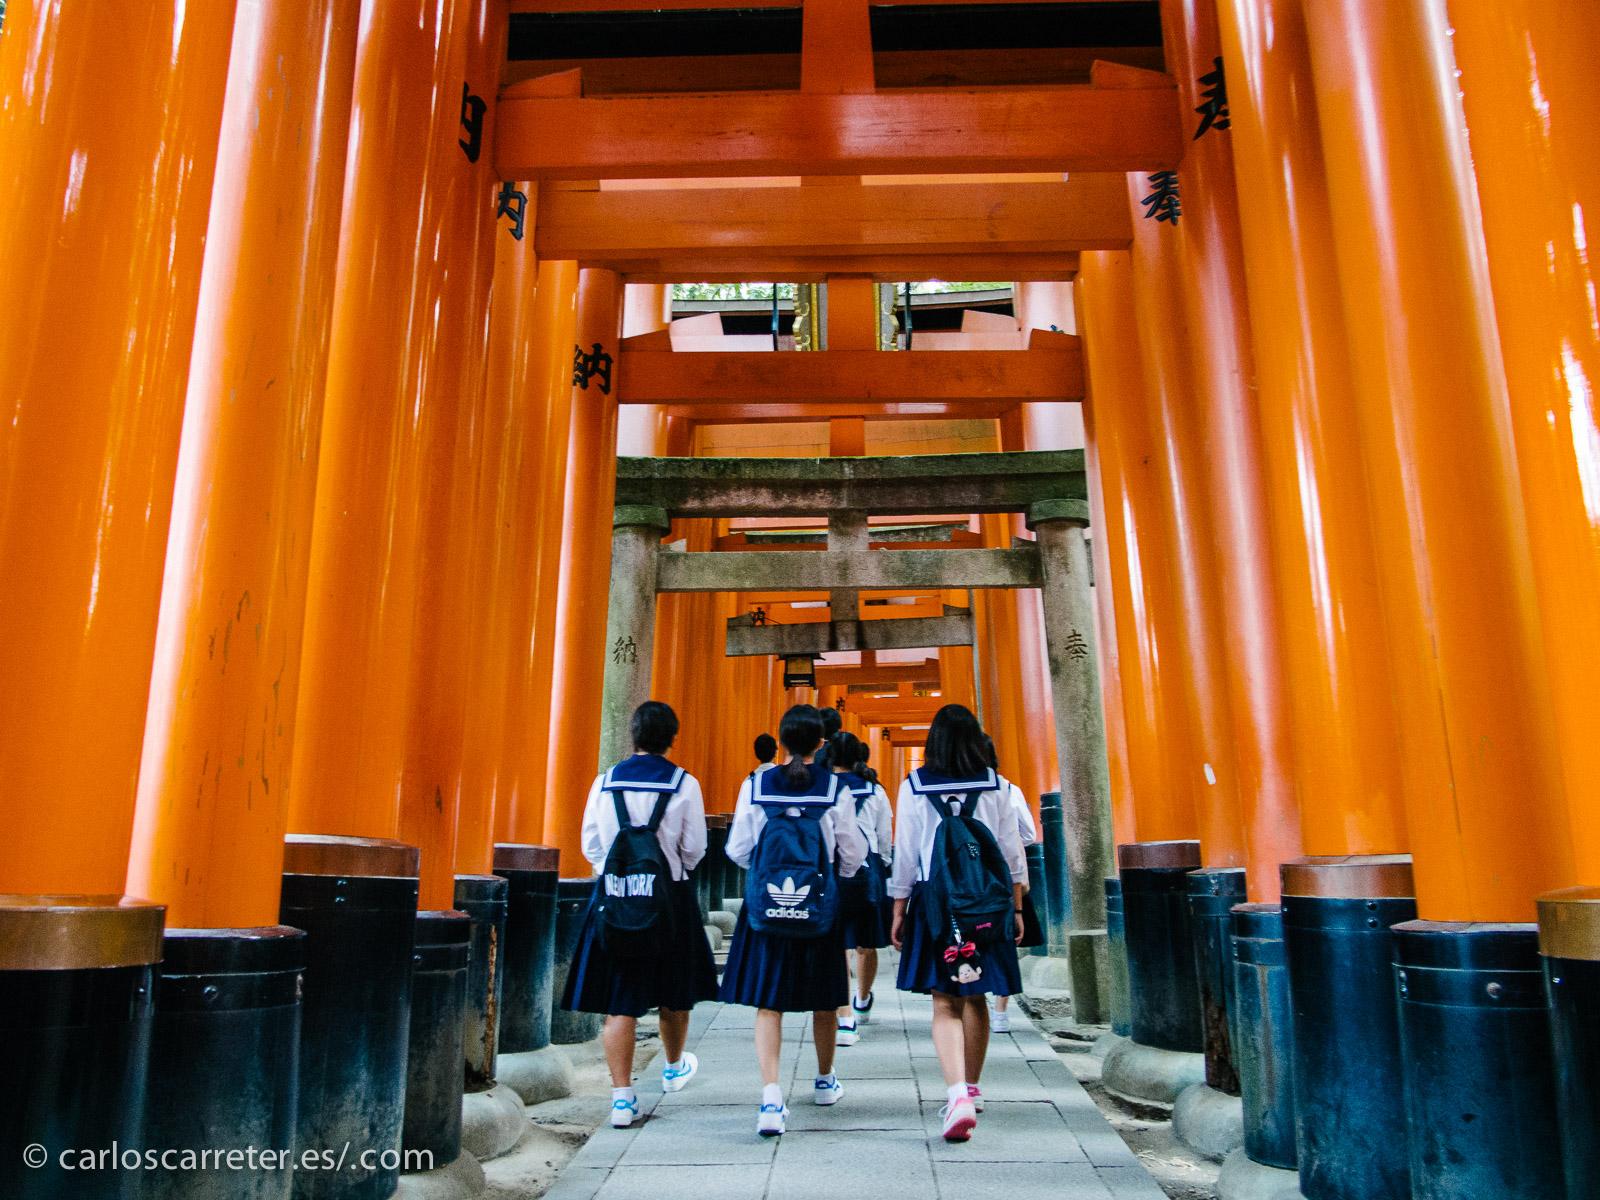 Luego nos trasladaremos a Kioto, donde tal vez nos topemos con Yumiko y su madre mientras pasean por las innumerables torii de Fushimi Inari Taisha.